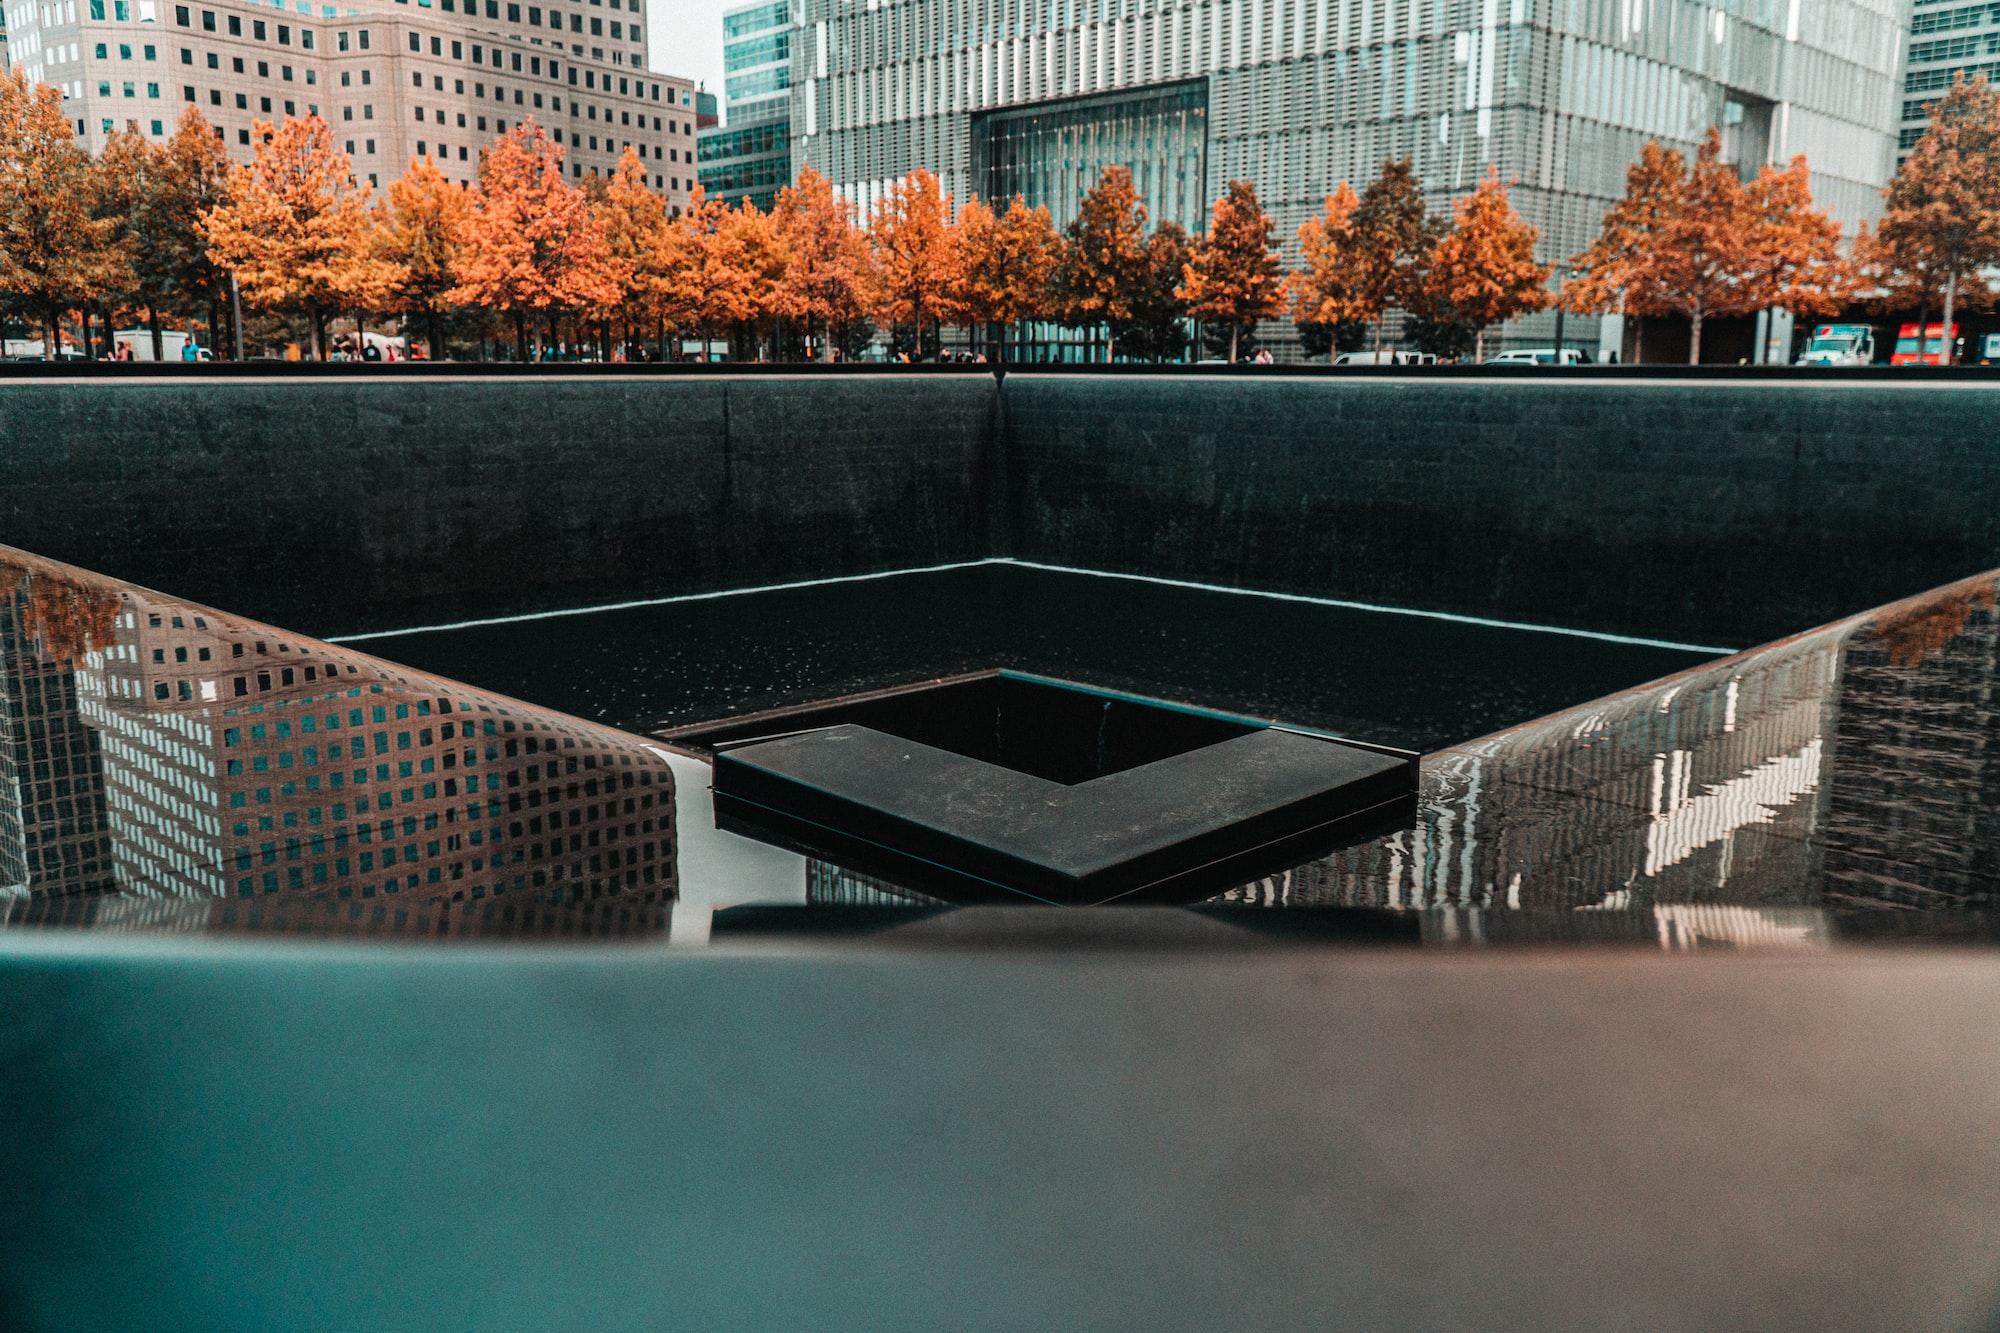 Remembering 9/11, In Memoriam